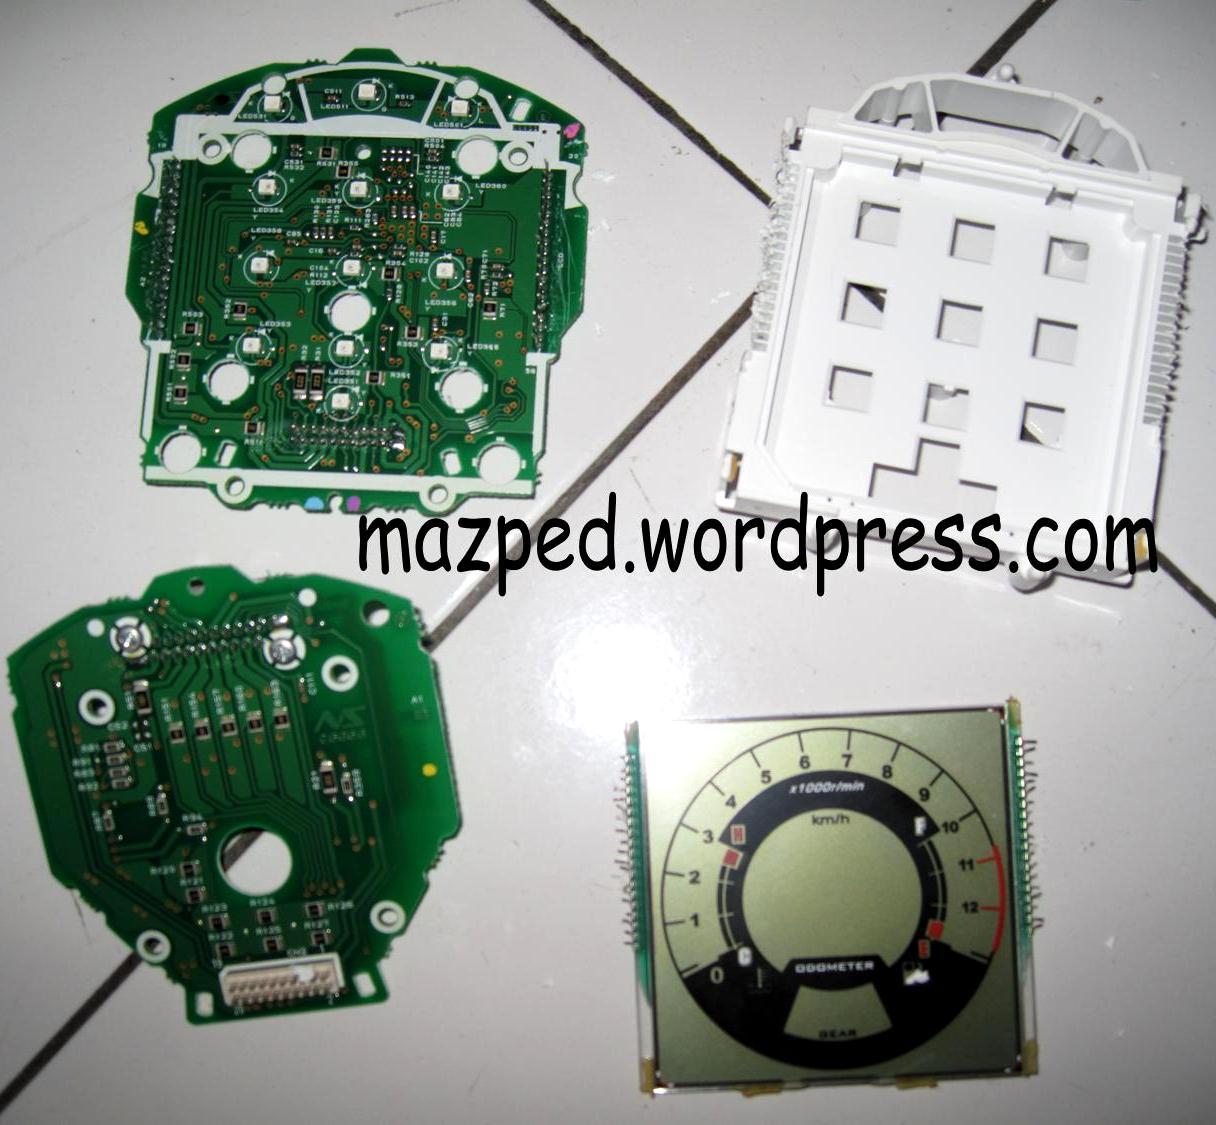 ganti lampu spido cs1 mazpedia com rh mazpedia com Schematic Diagram Honda Schematic Diagram Honda